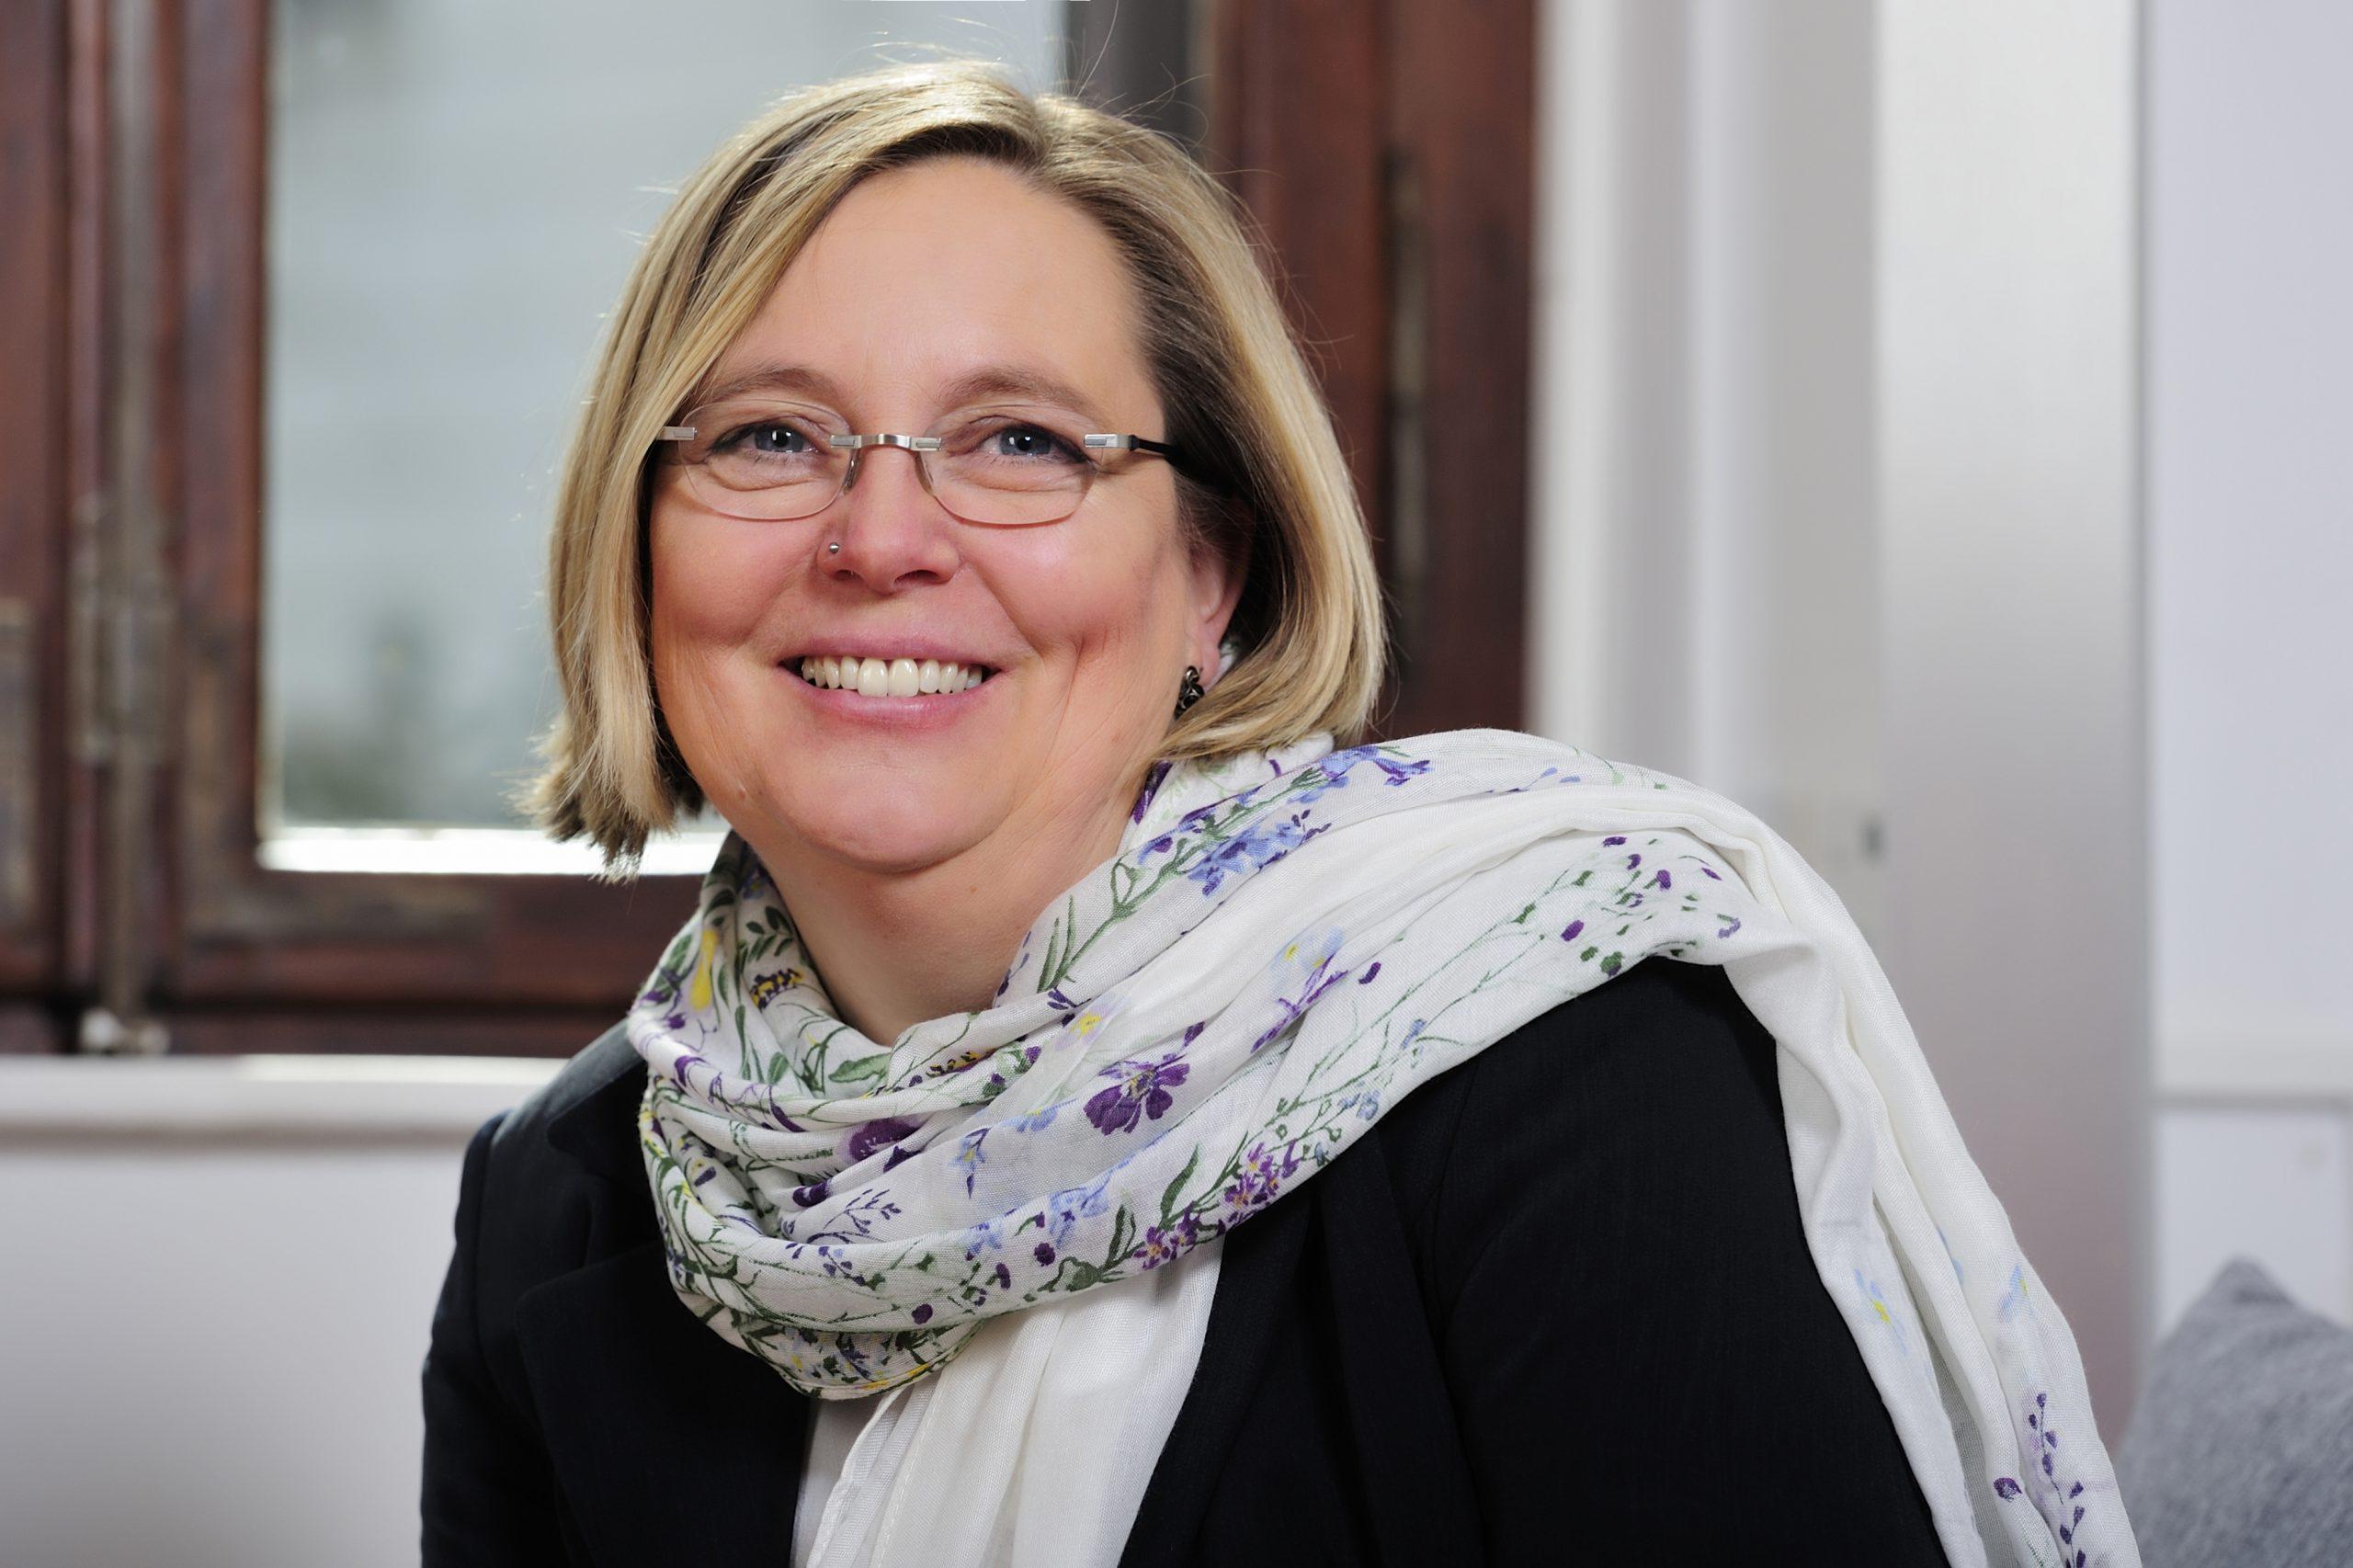 Astrid Flömer ist die Geschäftsführerin der VKL GmbH